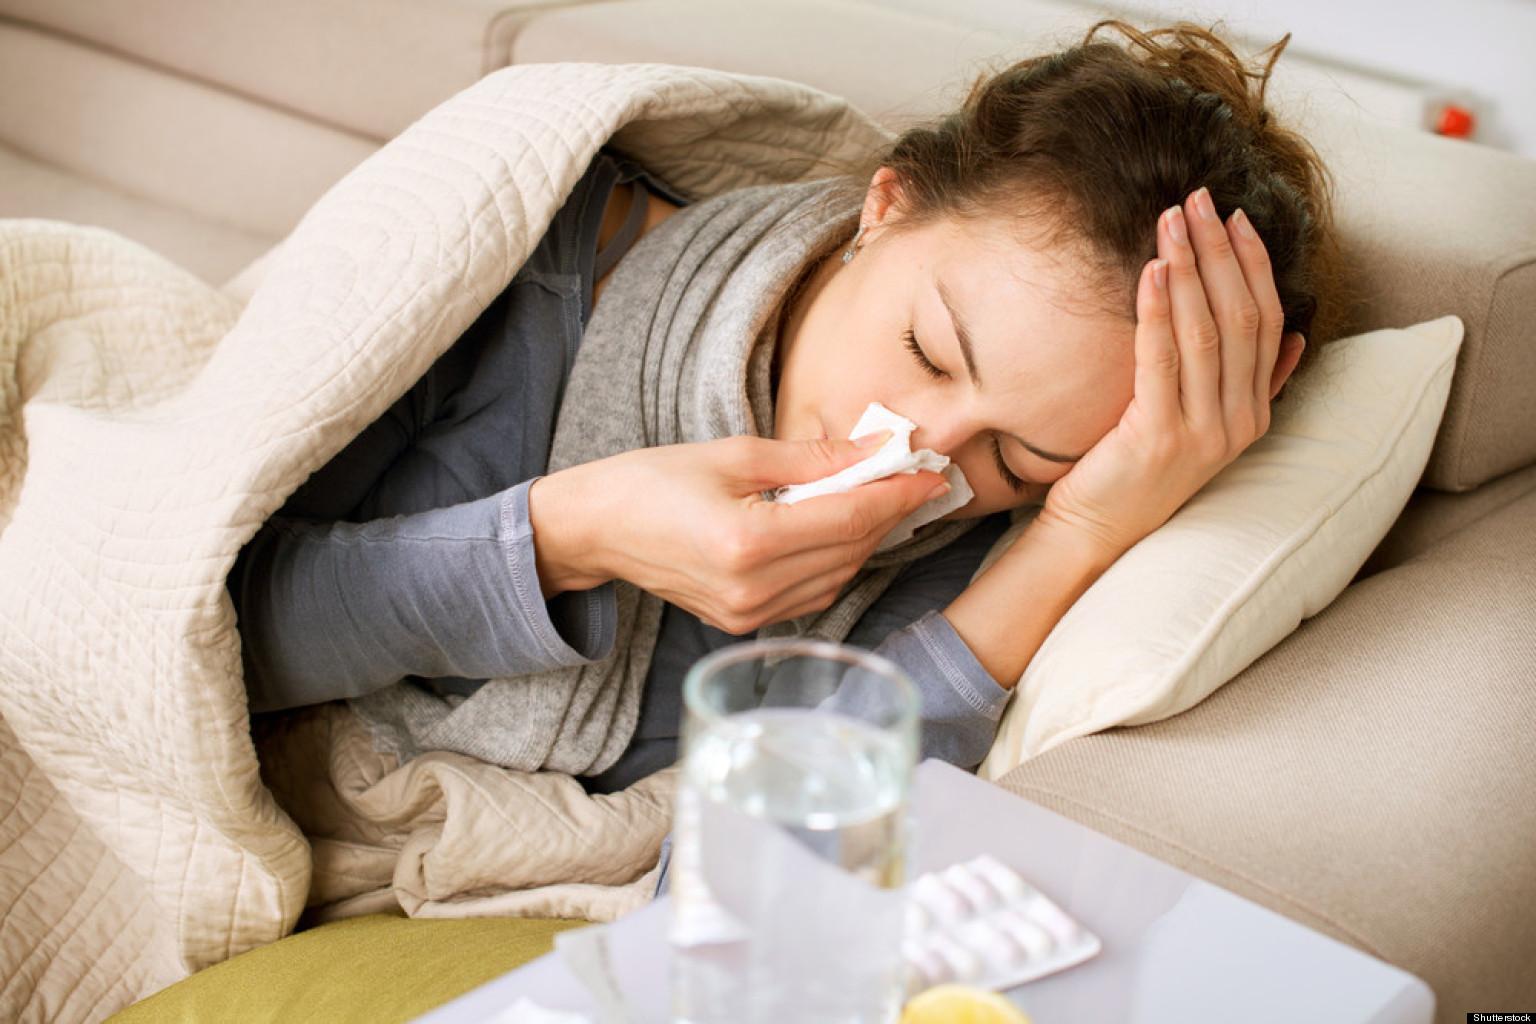 Αναπνευστικός συγκυτιακός ιός: Πώς να προστατευτείτε εσείς και τα παιδιά σας